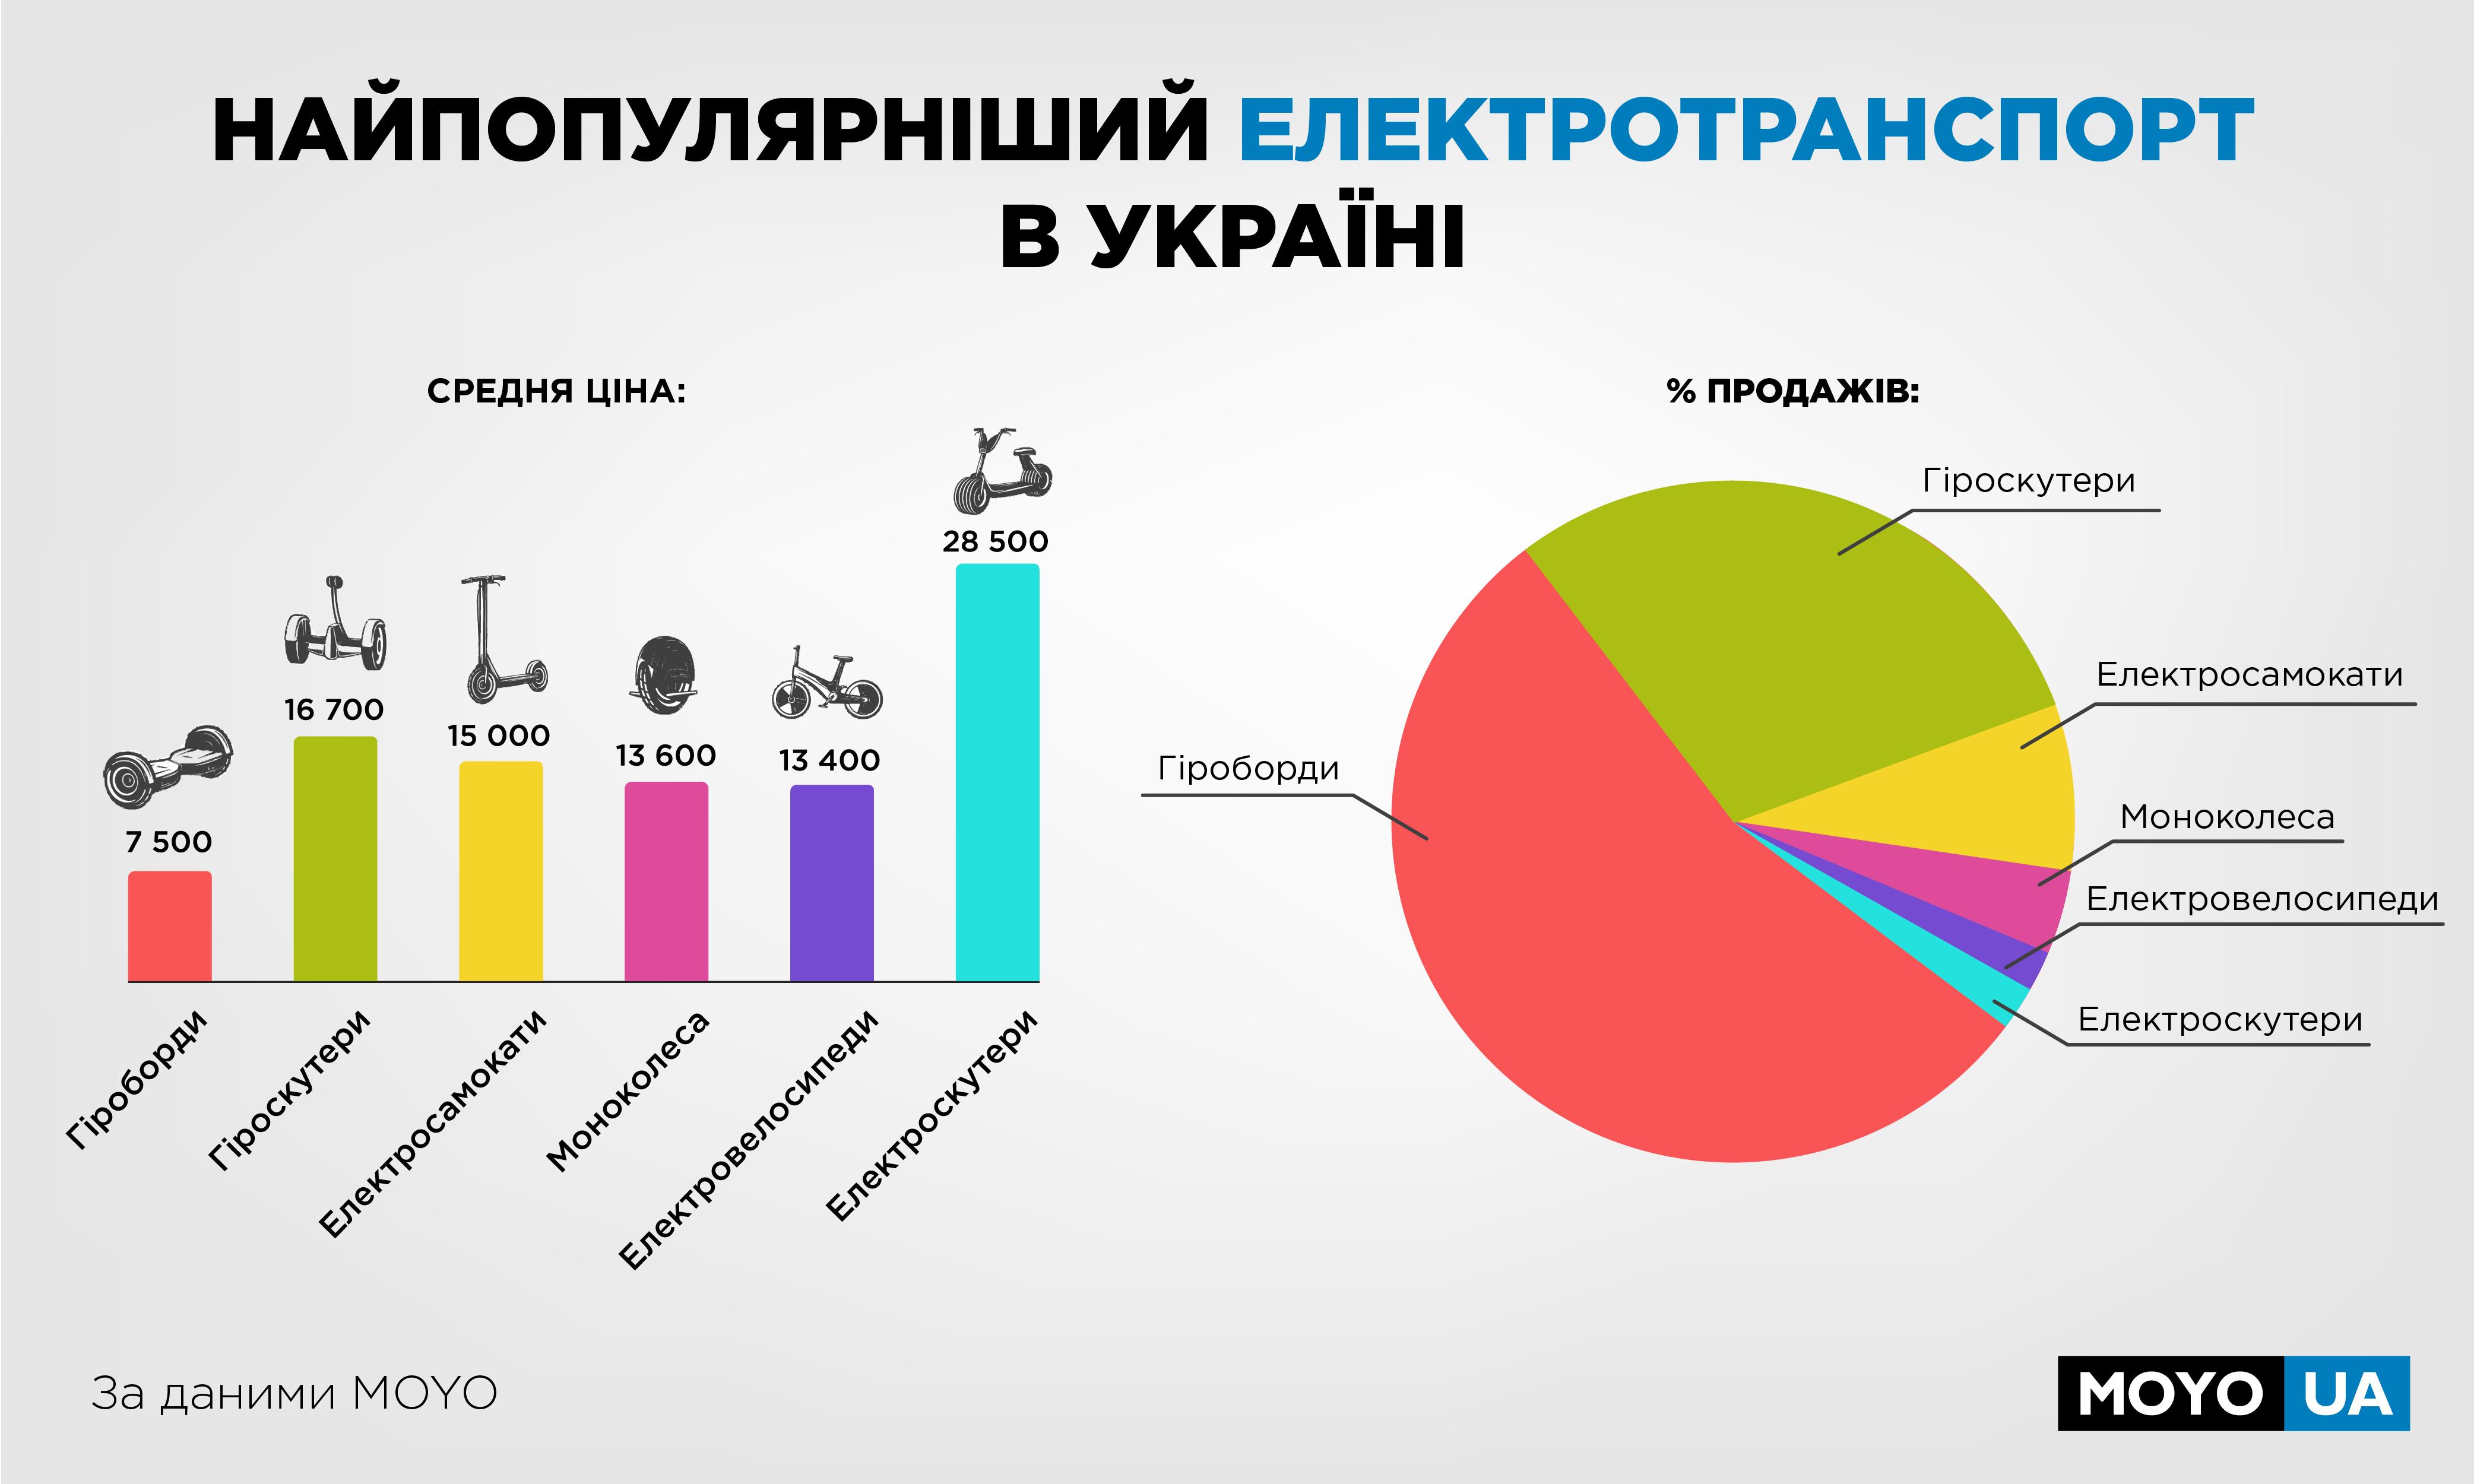 Гіроборди проти моноколес: який електротранспорт більш популярний в Україні